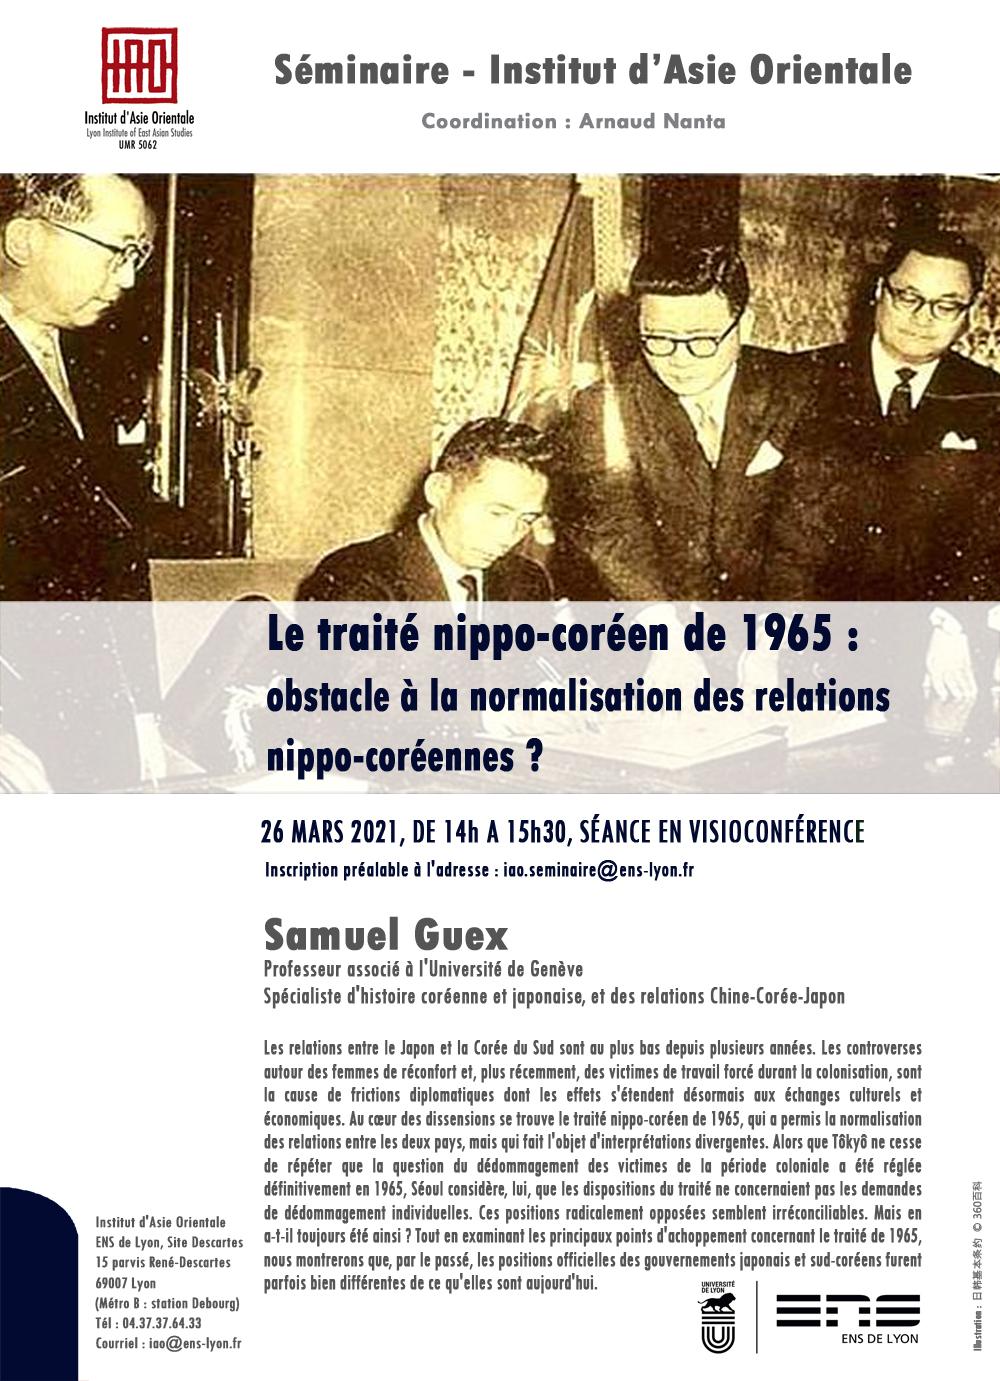 Séminaire de Samuel Guex : Le traité nippo-coréen de 1965 : obstacle à la normalisation des relations nippo-coréennes ?